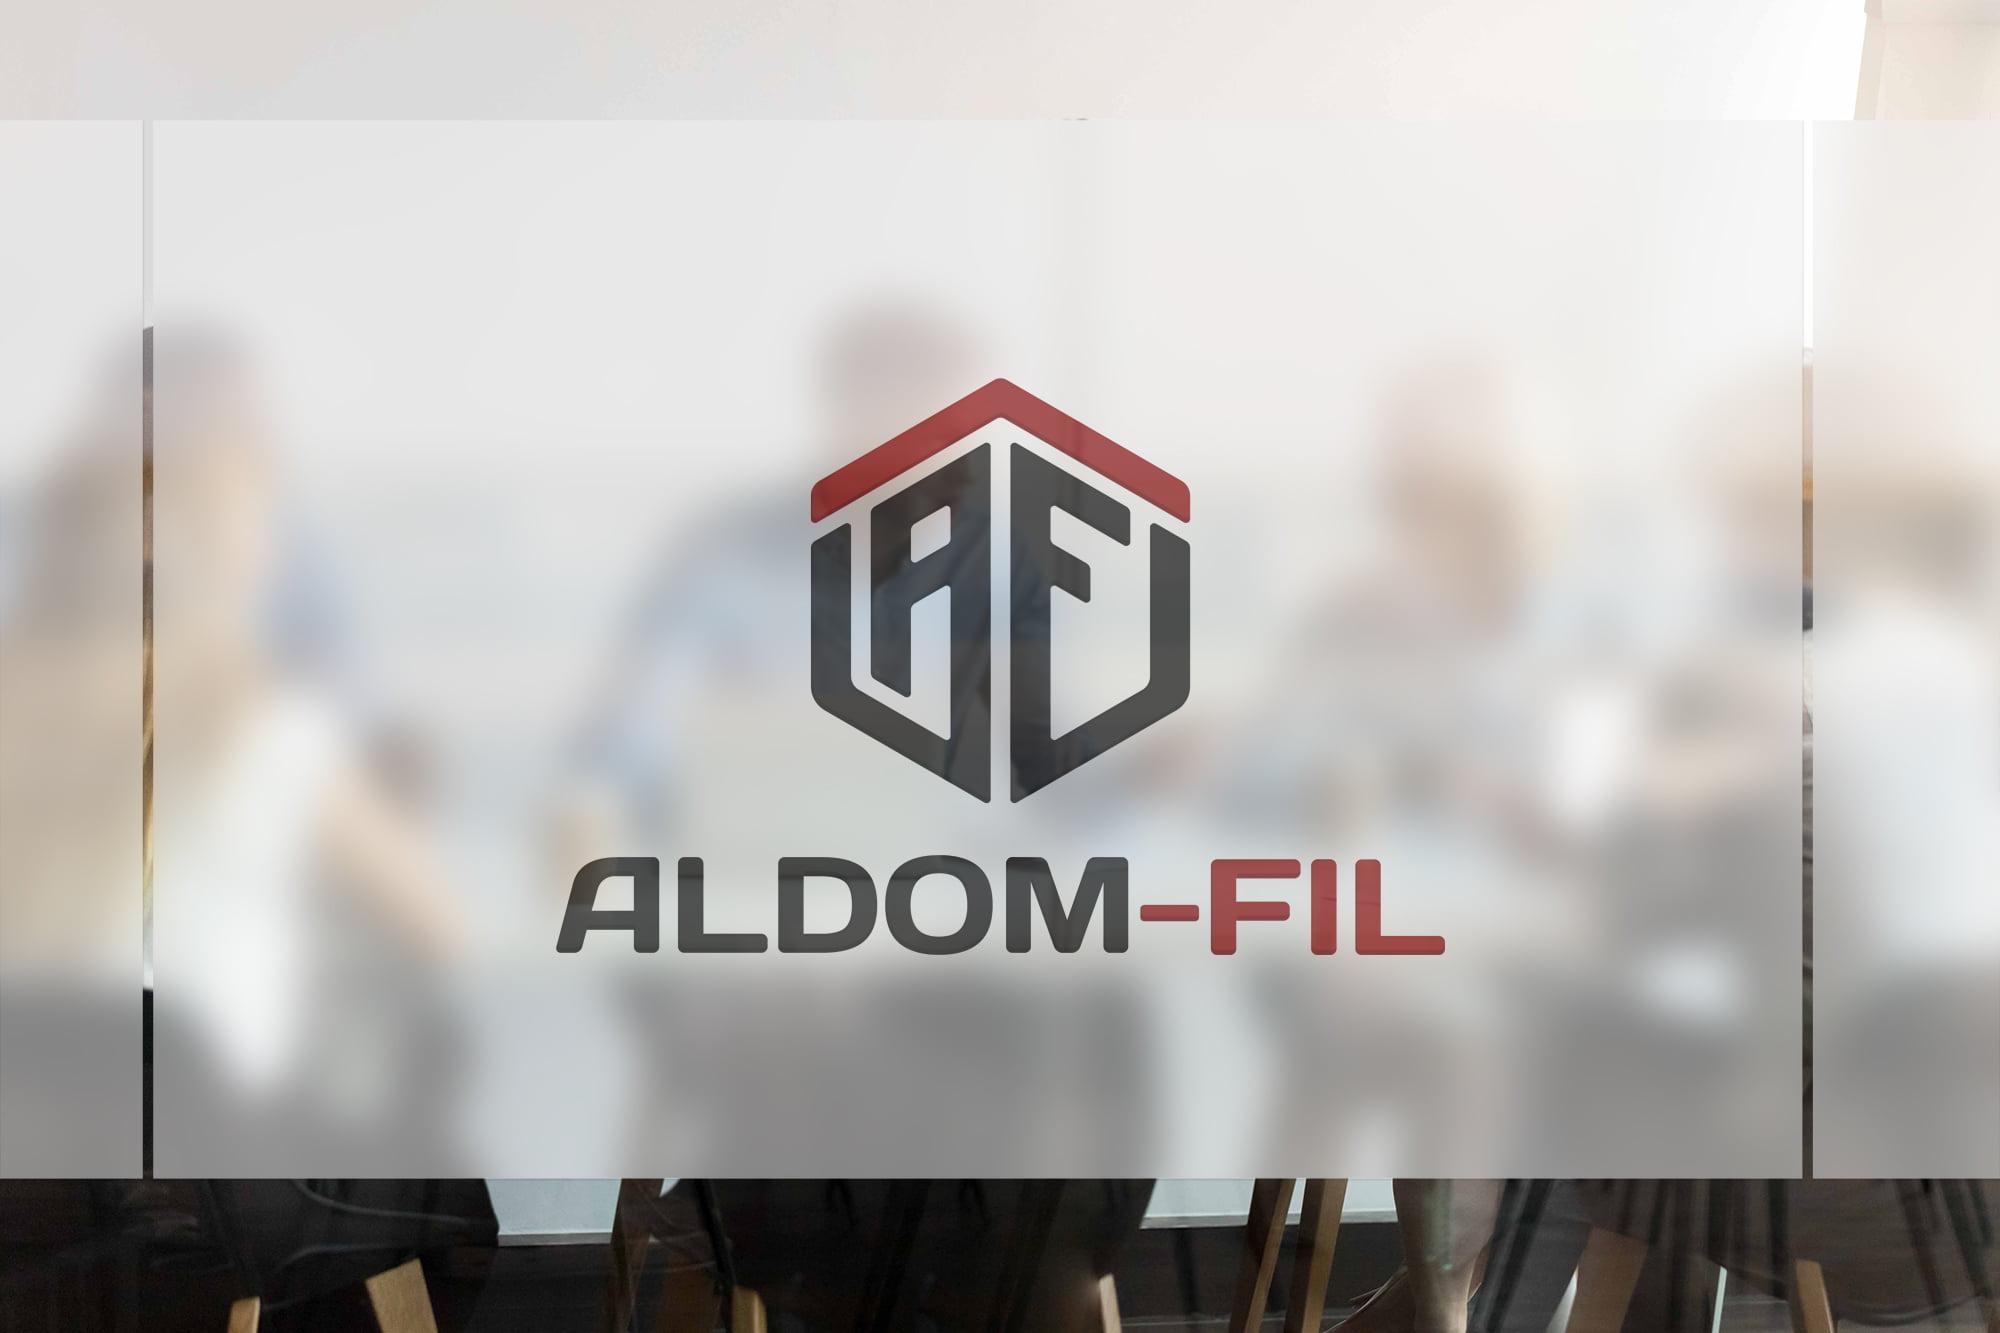 Aldom-Fil